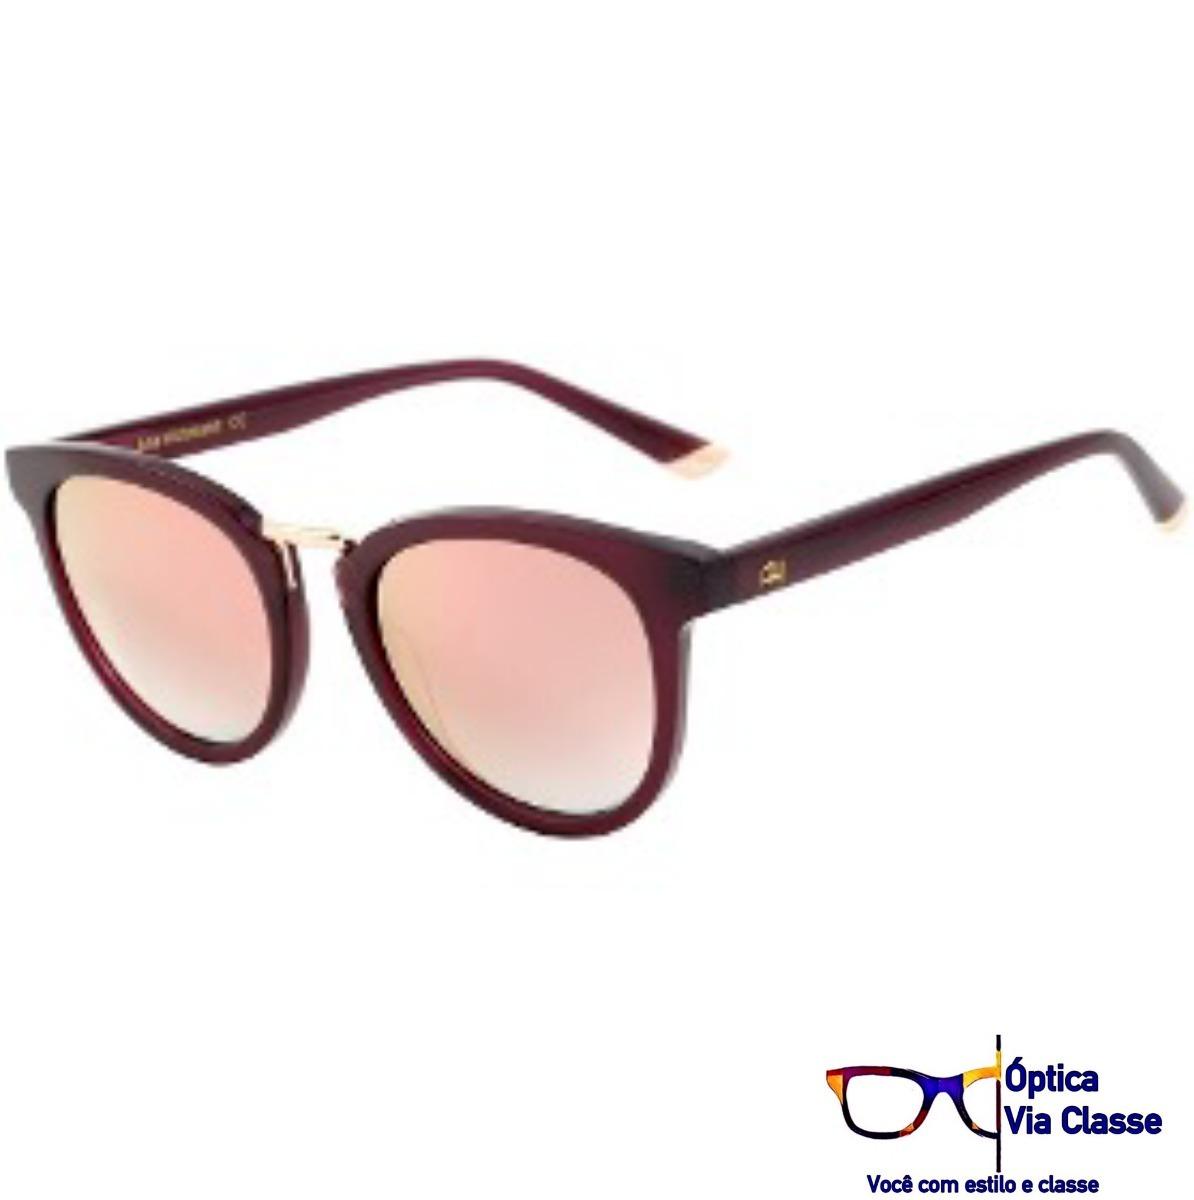 Óculos De Sol - Ana Hickmann Ah 9222 - T02 - R  339,00 em Mercado Livre 389bb94b00